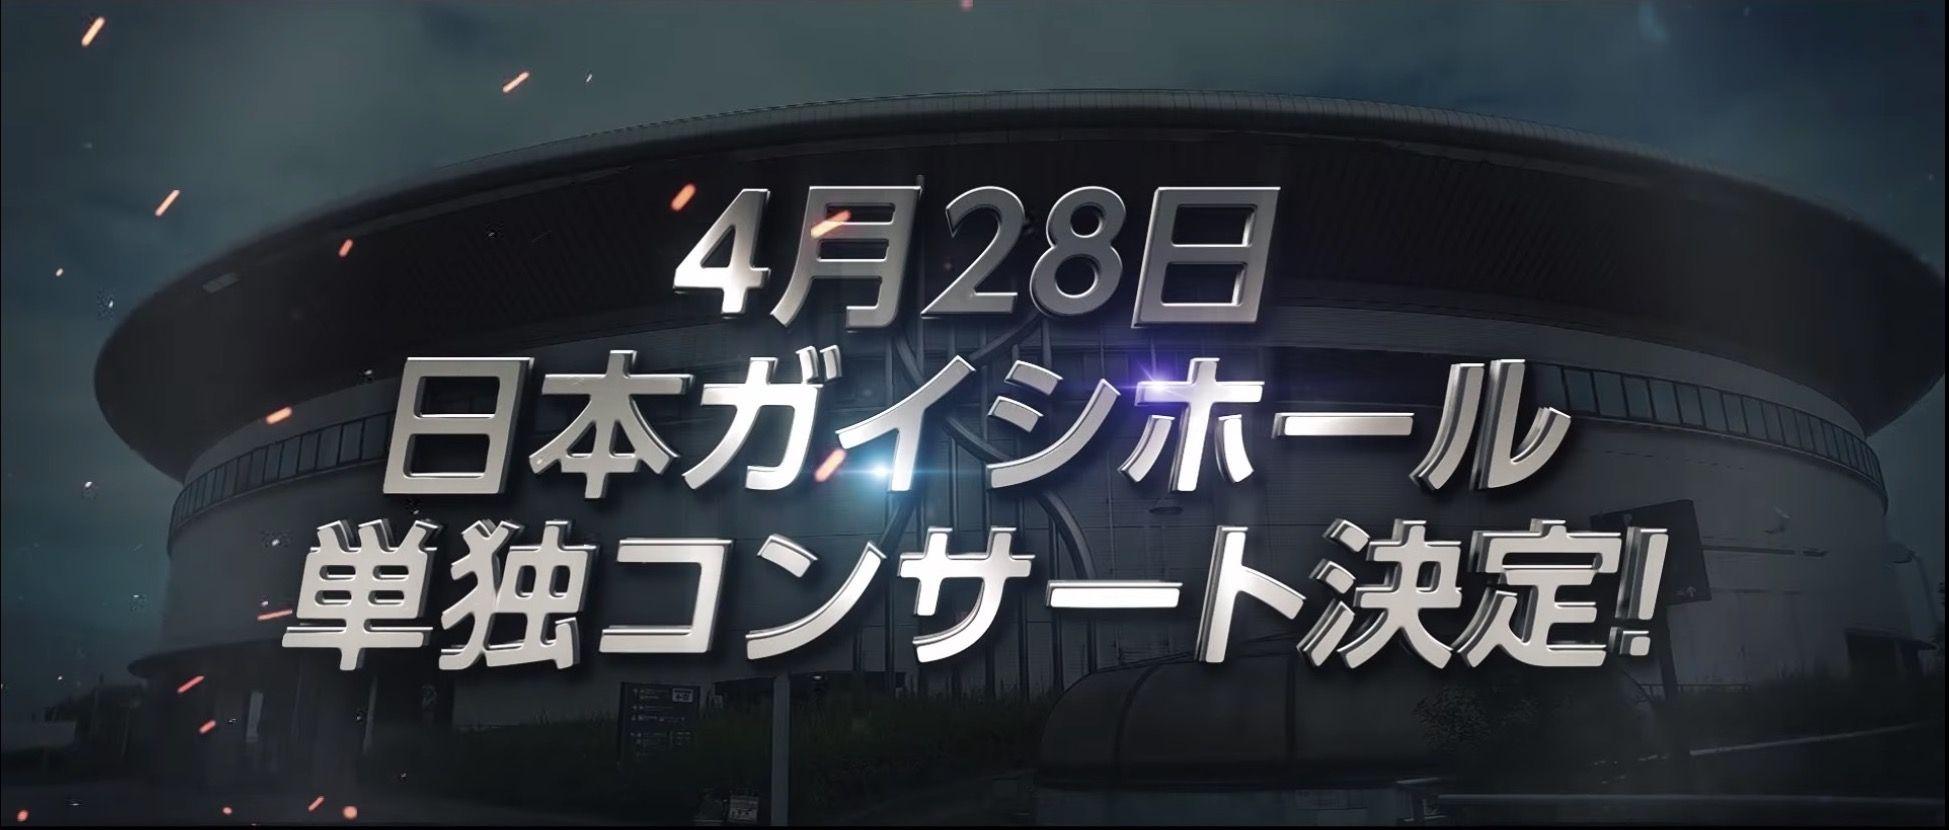 SKE48、4月28日に日本ガイシホールで単独コンサート開催決定!